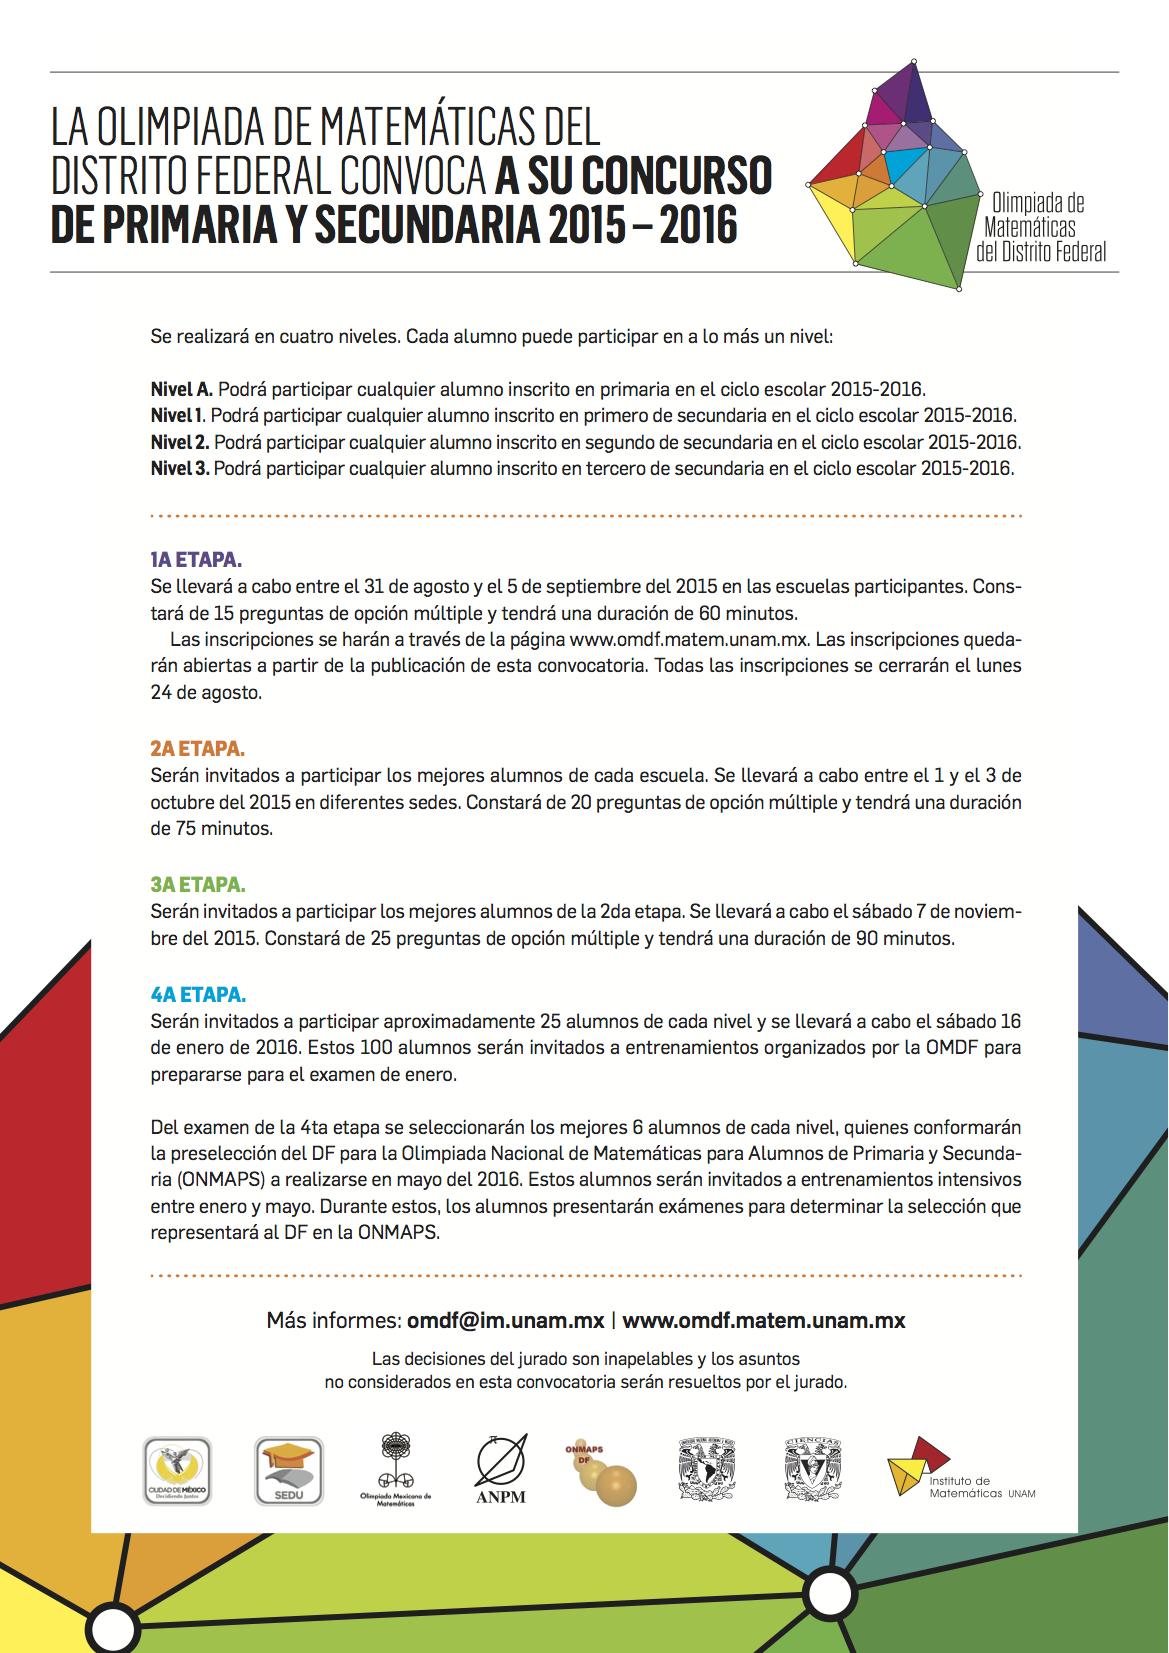 Concurso de Primaria y Secundaria 2015-2016